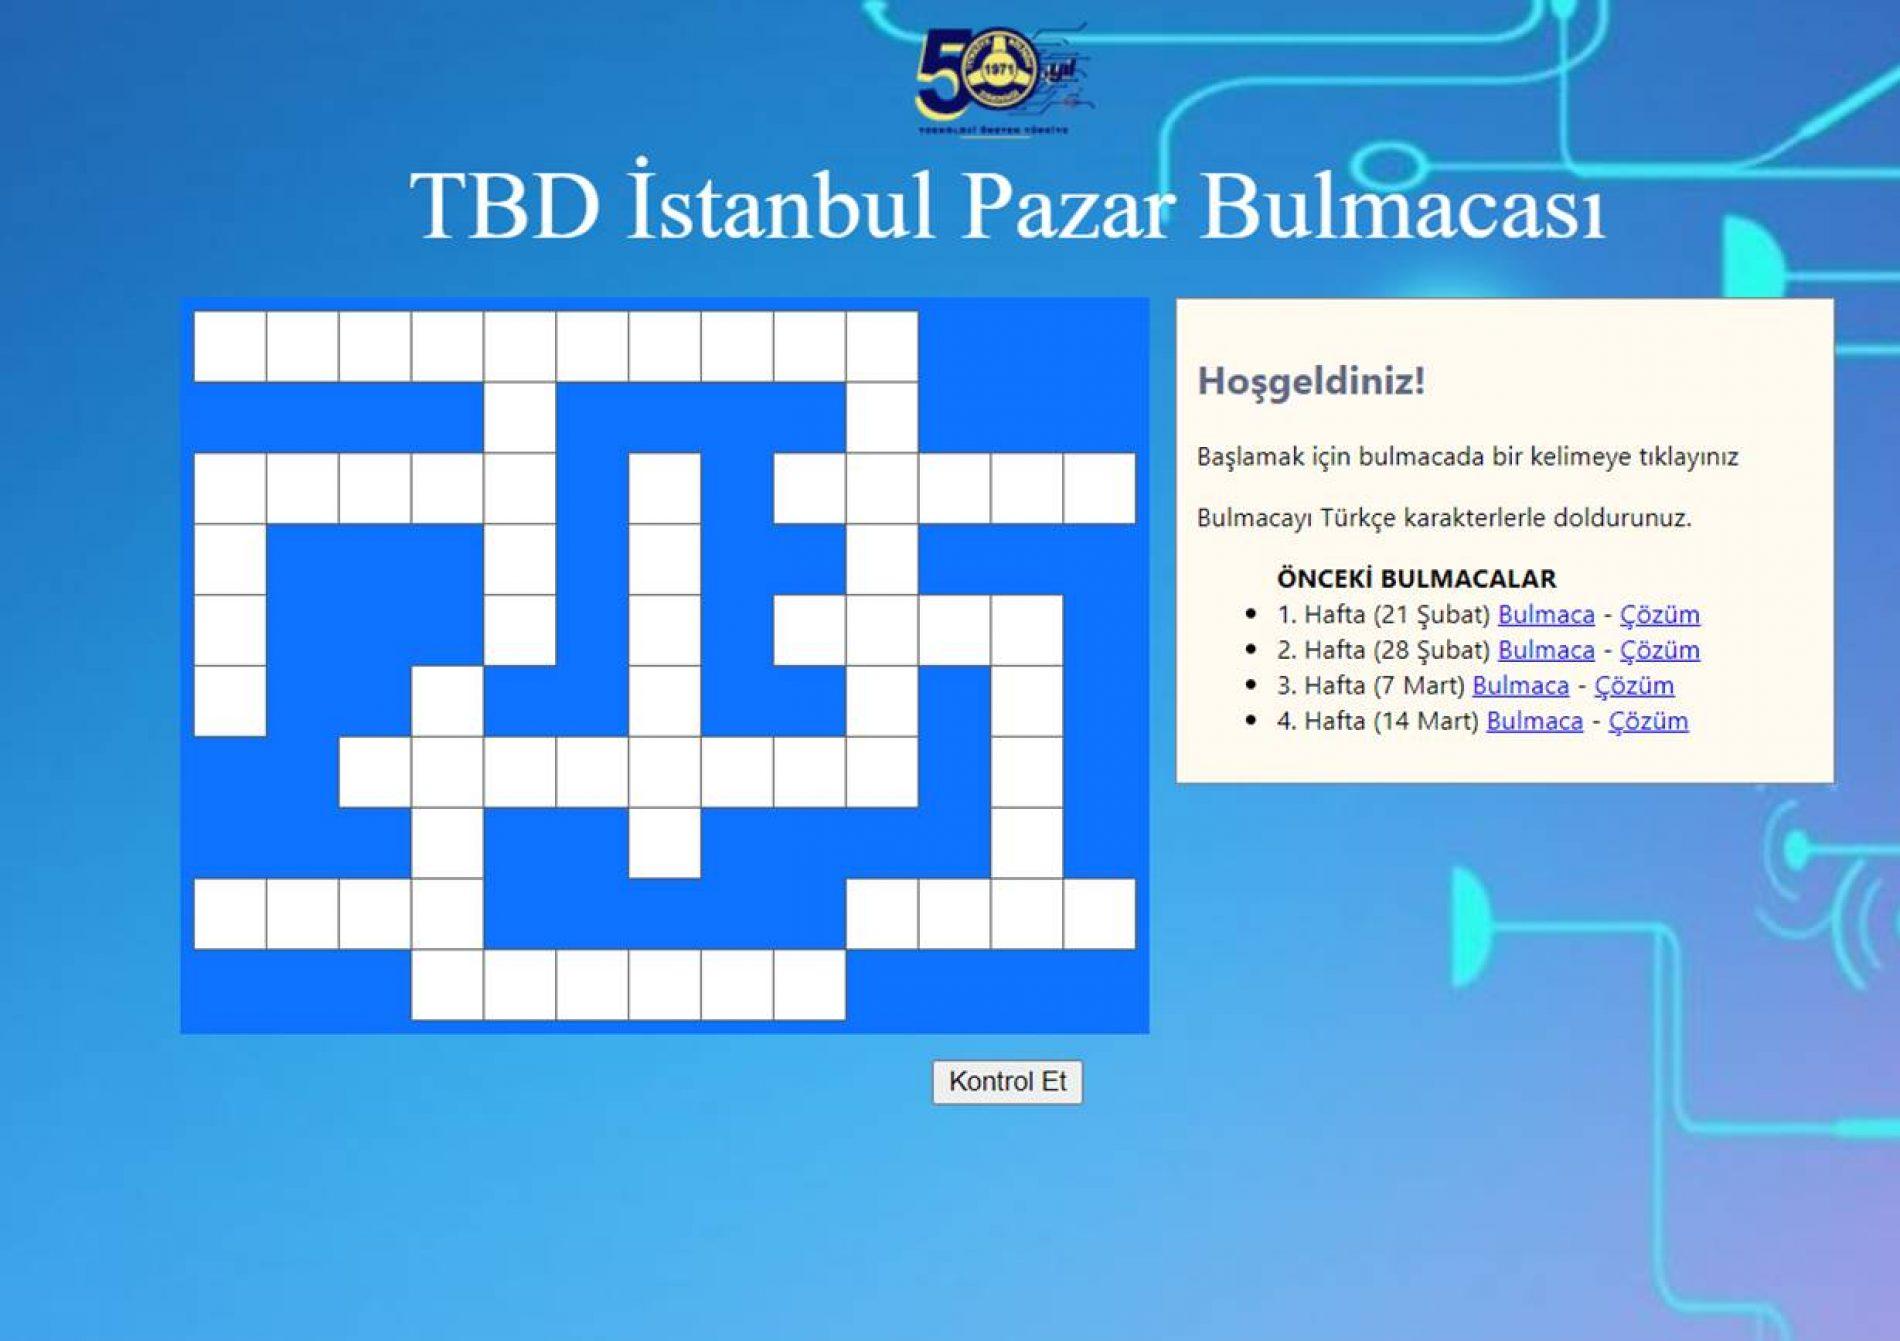 TBD İstanbul 21 Mart Pazar Bulmacası